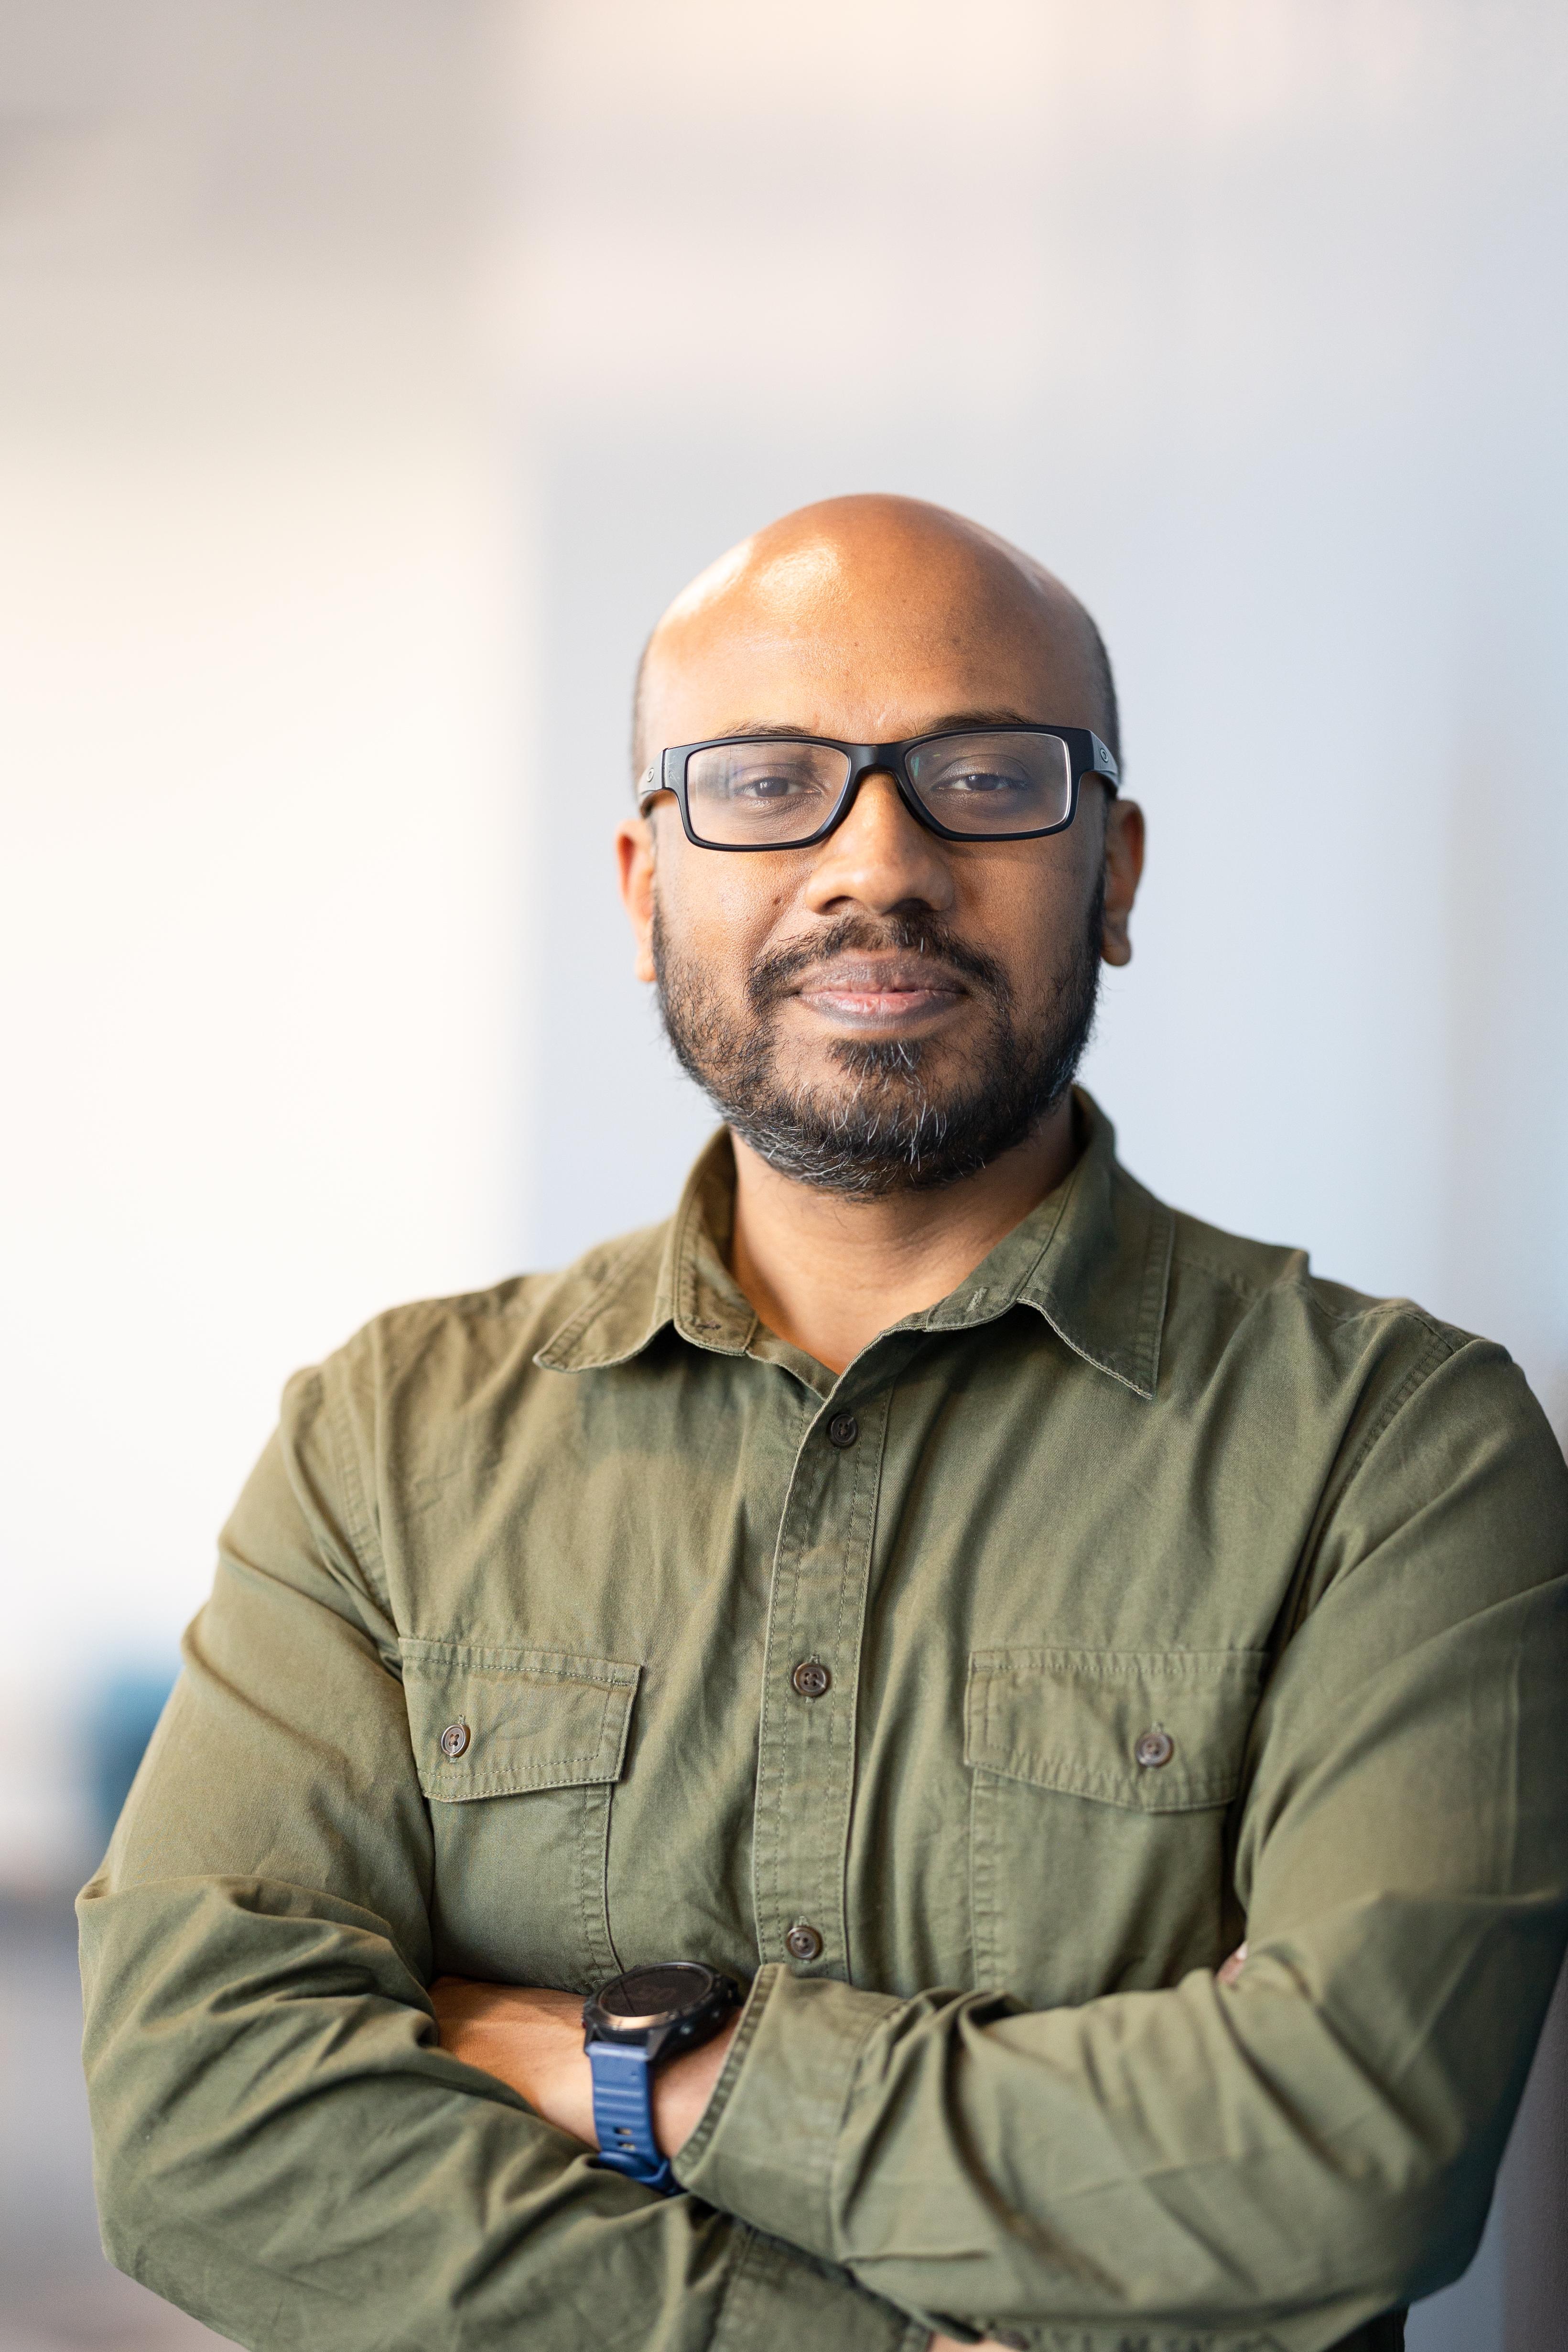 Bimal Viswanath portrait - submitted